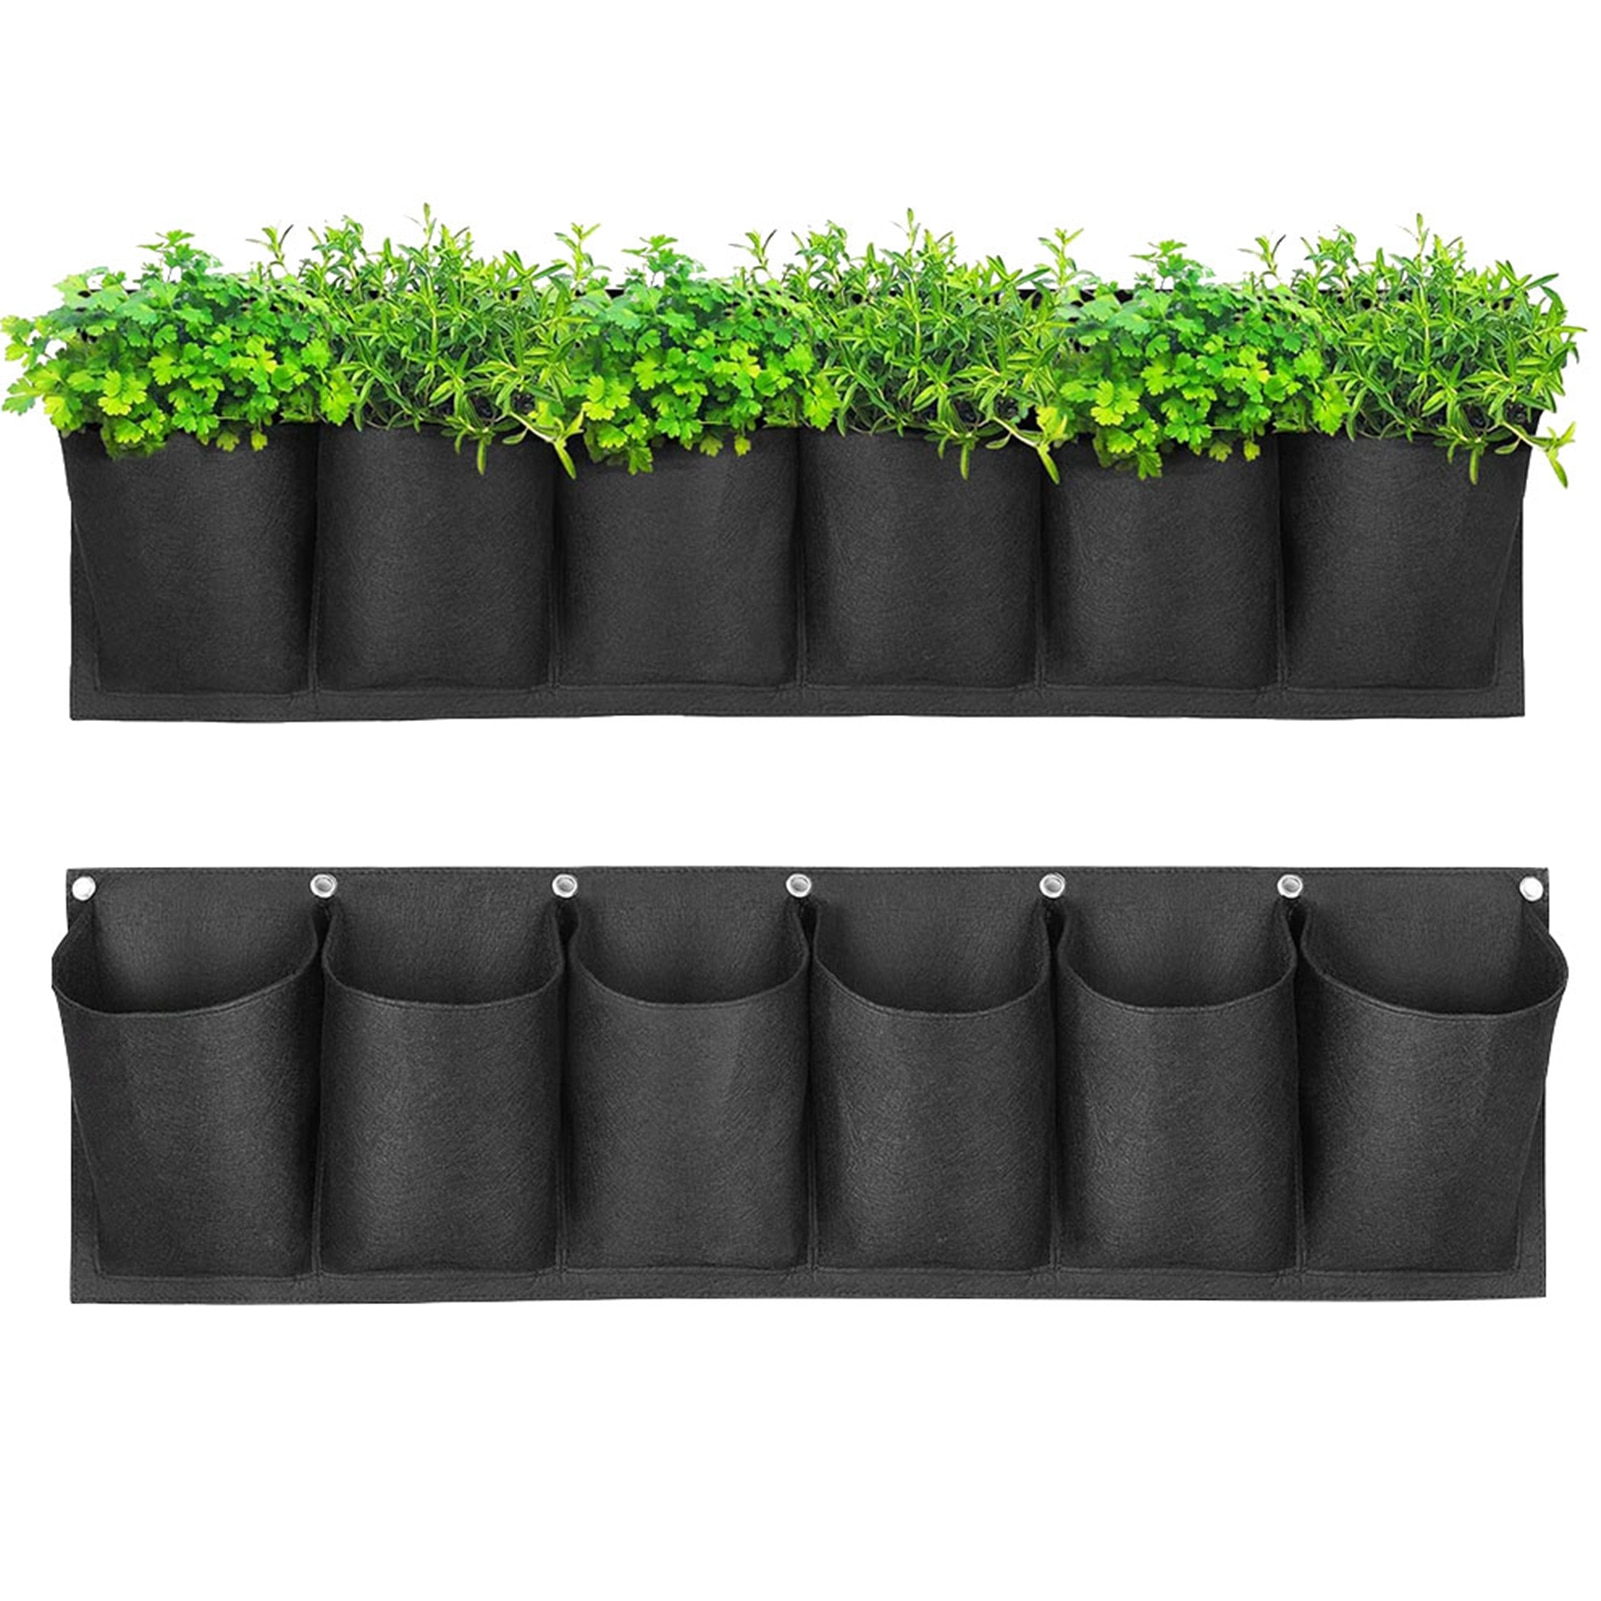 6 карманов для выращивания растений сумки Нетканый завод сумка, сумка для растений, завод питания сумки чувствовал завод мешок расти ящик дл...